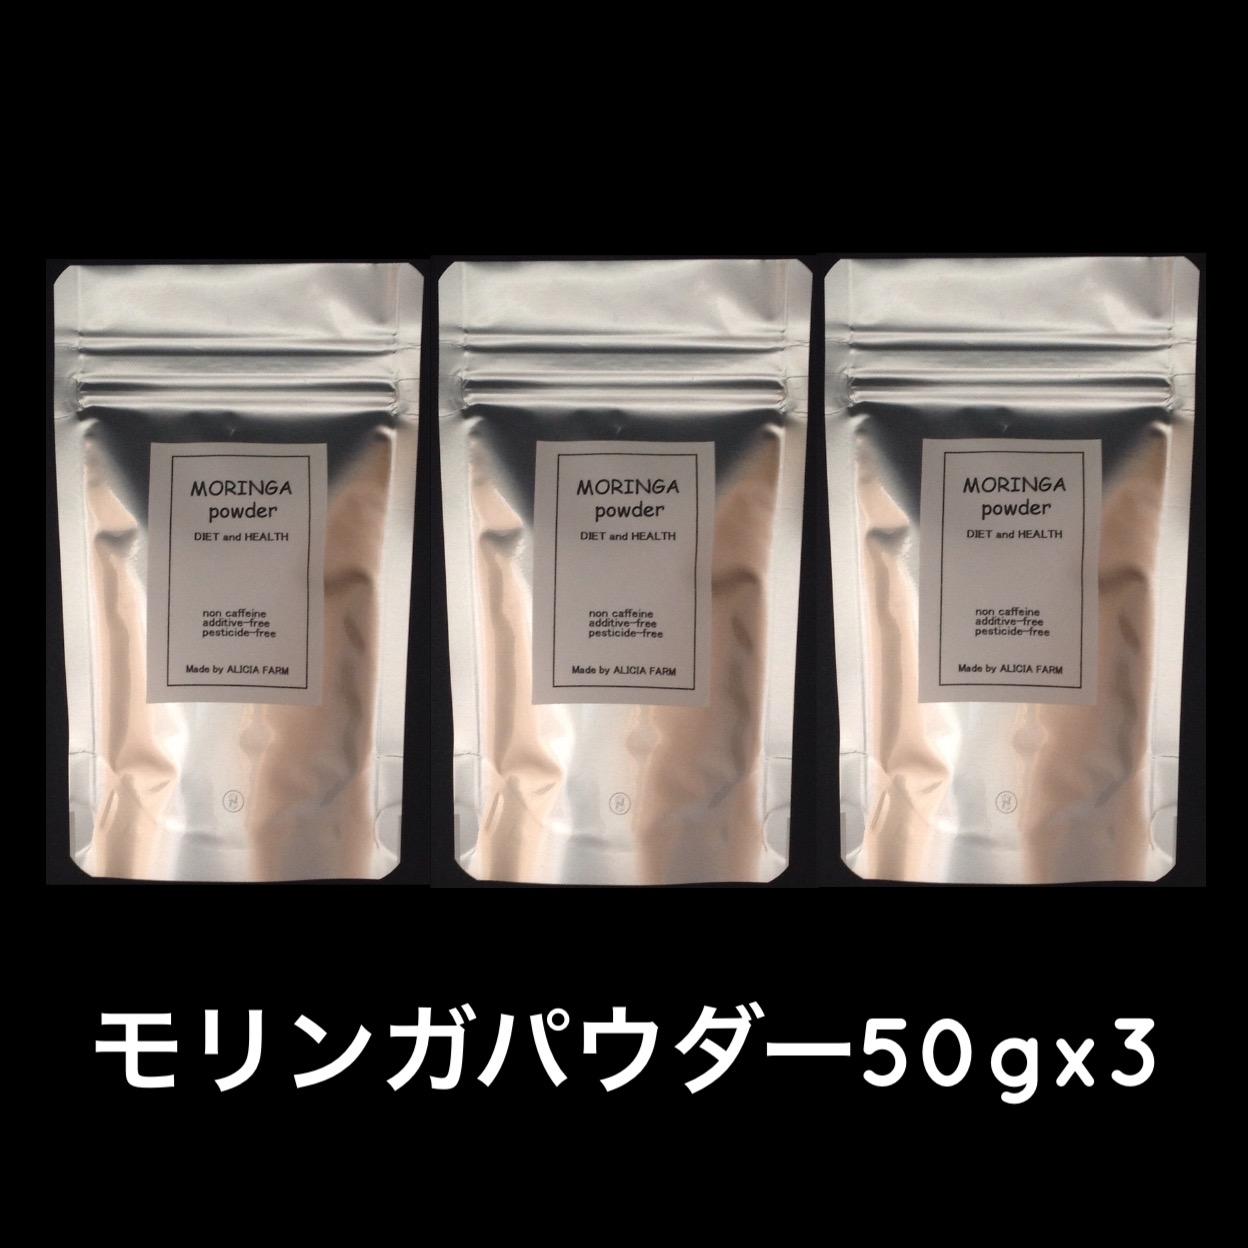 モリンガパウダー50g x 3個セット DM便送料無料 オープン記念価格画像